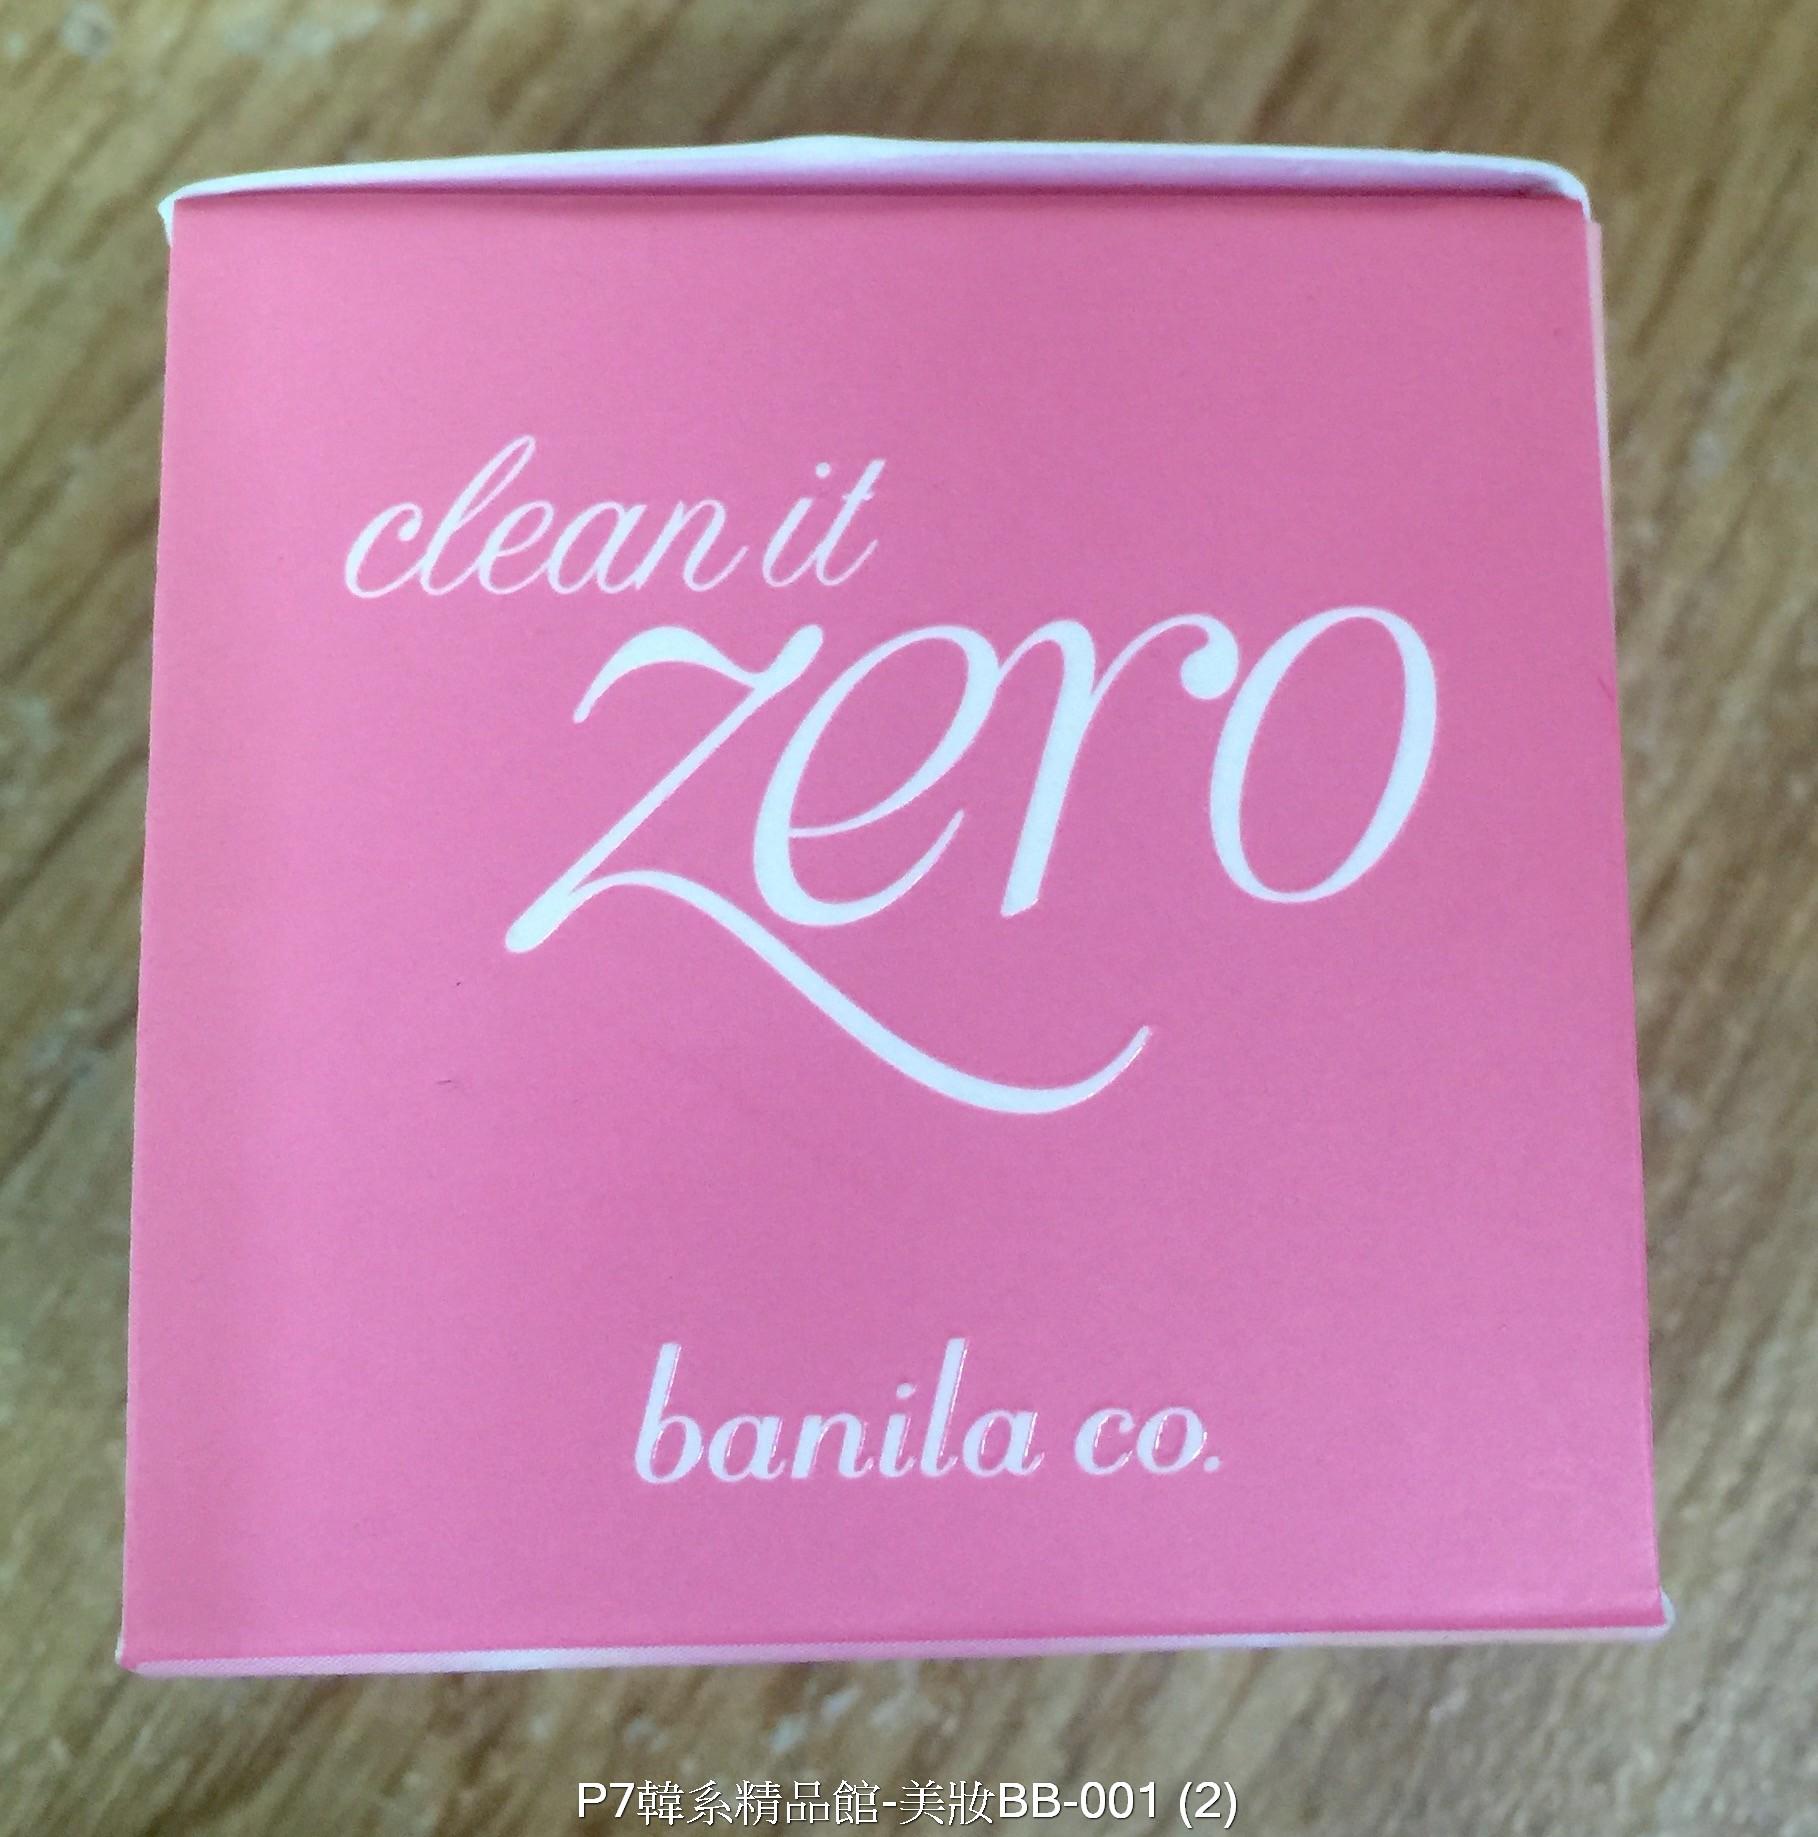 Banila.co芭妮藍 Zero保濕卸妝凝霜/卸妝乳/卸妝膏 經典粉紅 宋智孝愛用溫和零負